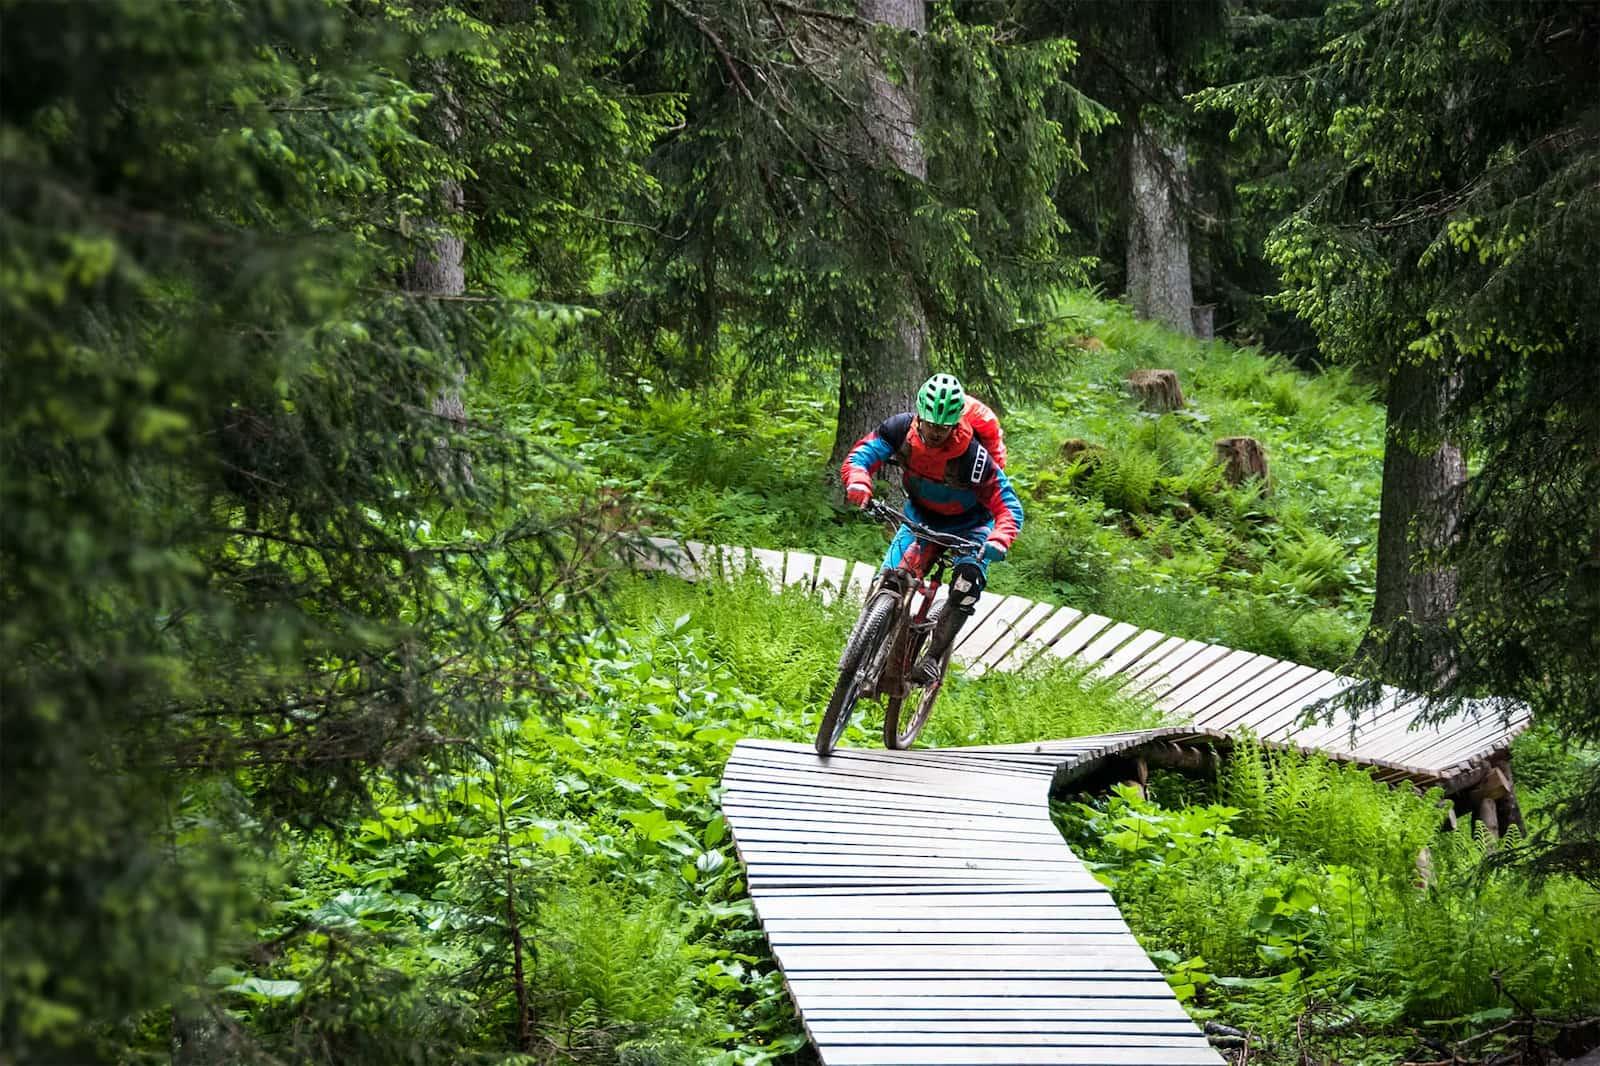 Sportpark Aare-Rhein Bike Trail